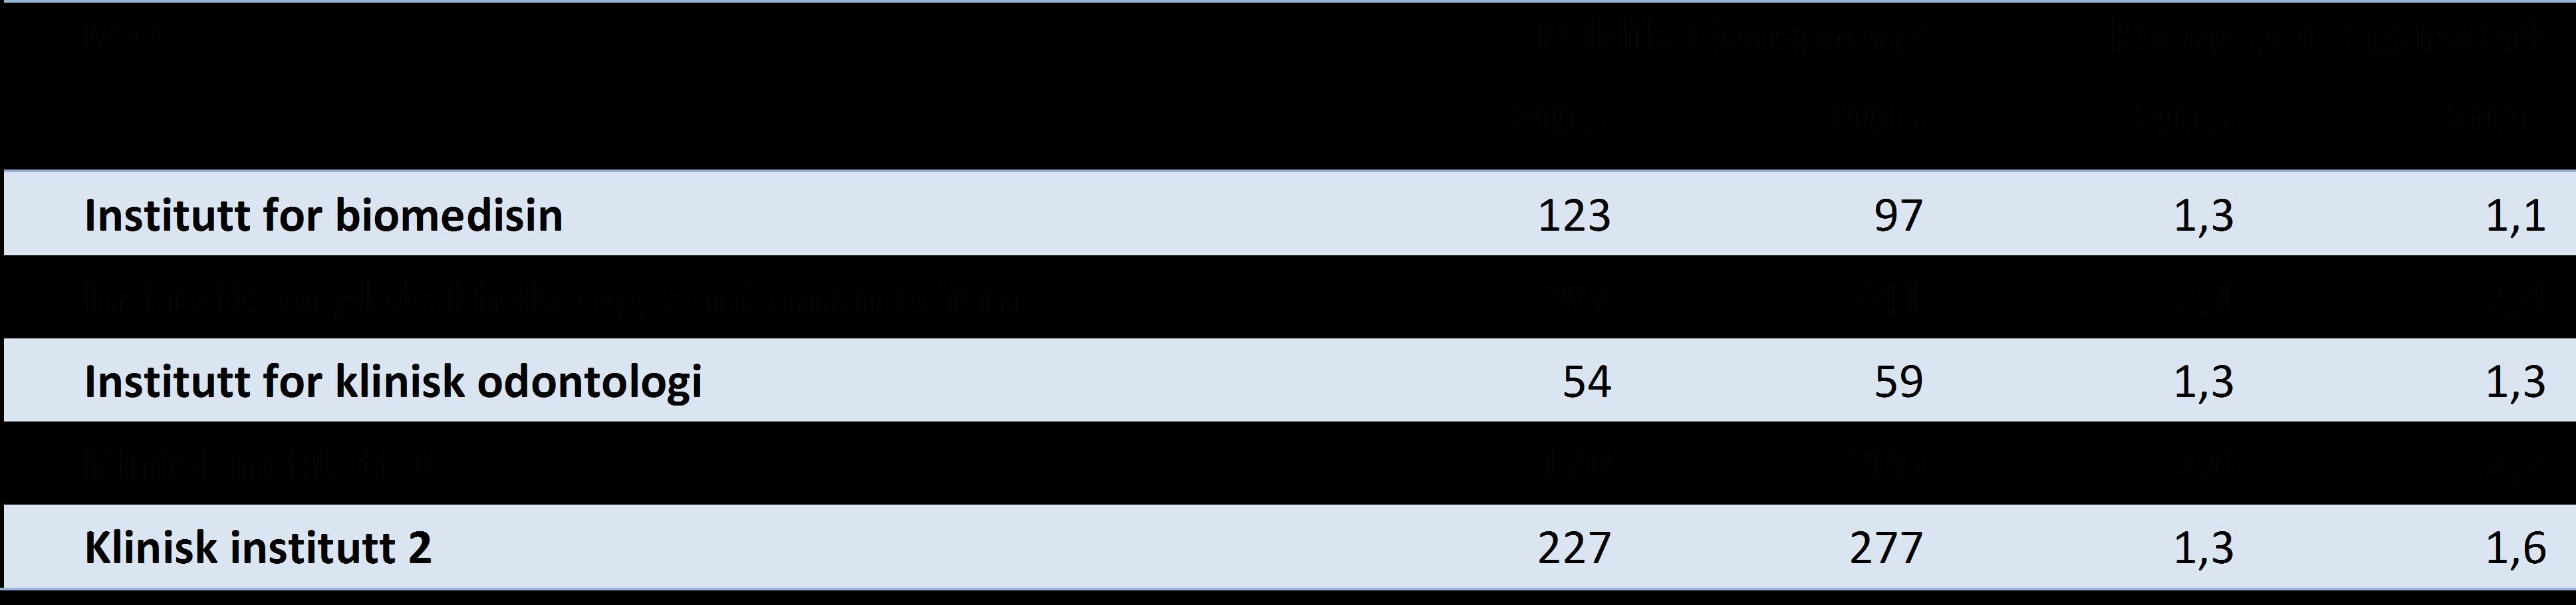 Tabell 3 Publikasjonspoeng totalt og per fagårsverk (UFF) for instituttene ved Det medisinsk-odontologiske fakultet, siste to år (DBH).